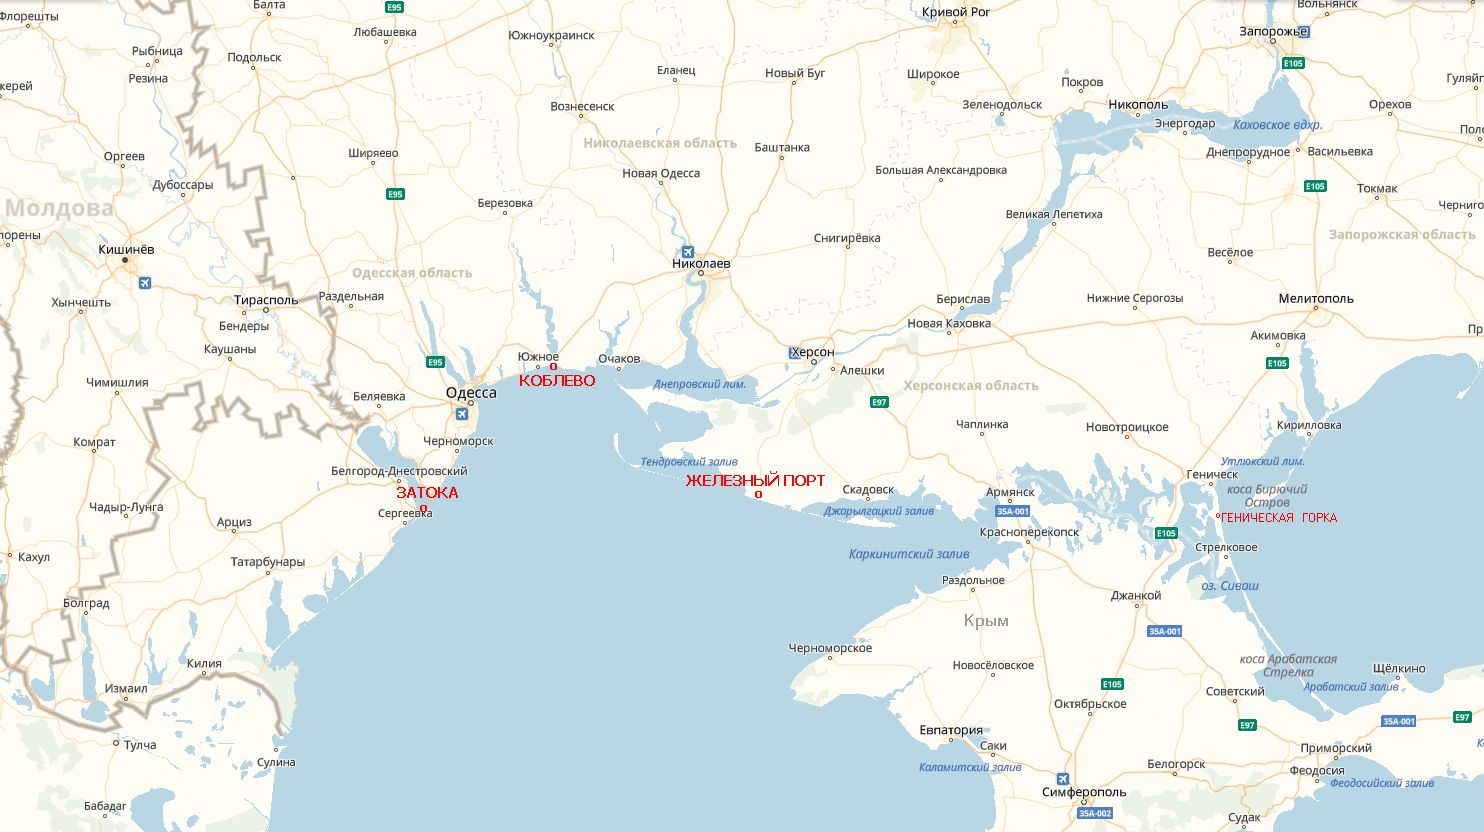 Avtobusnye Tury V Zheleznyj Port Hersonskuyu Oblast Iz Minska 2020